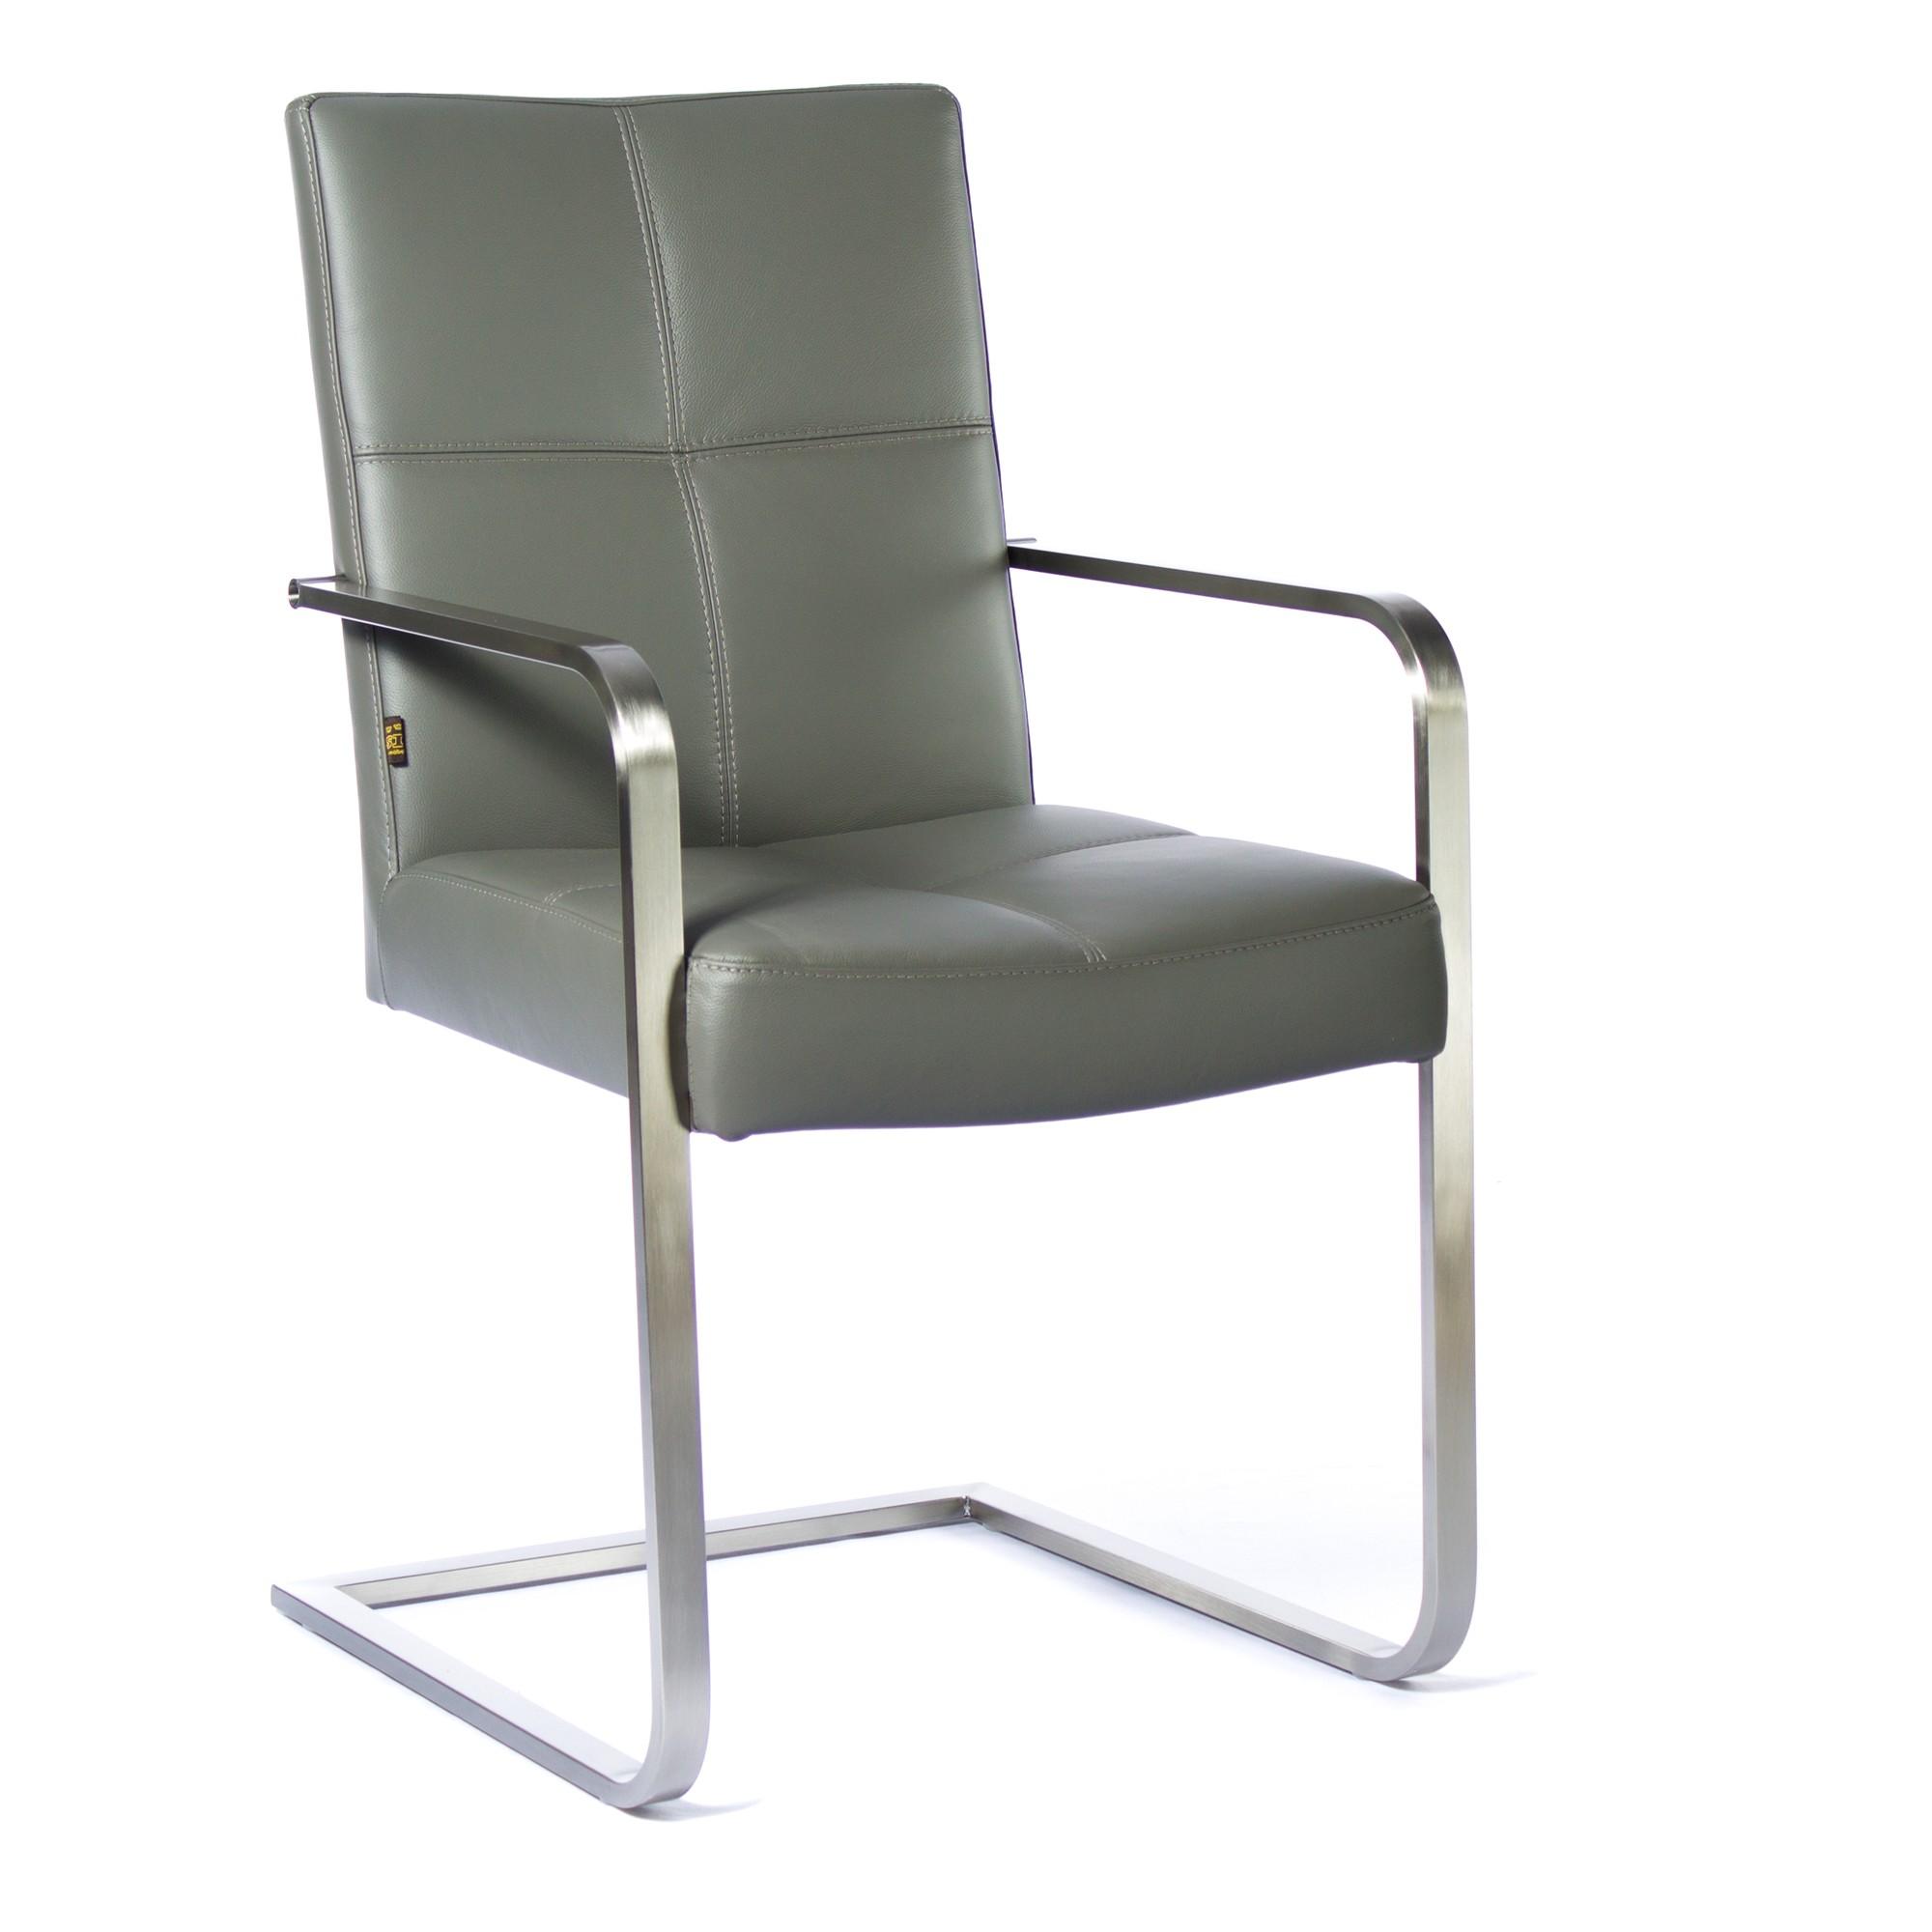 freischwinger armlehnstuhl libero rindsleder grau edelstahl. Black Bedroom Furniture Sets. Home Design Ideas